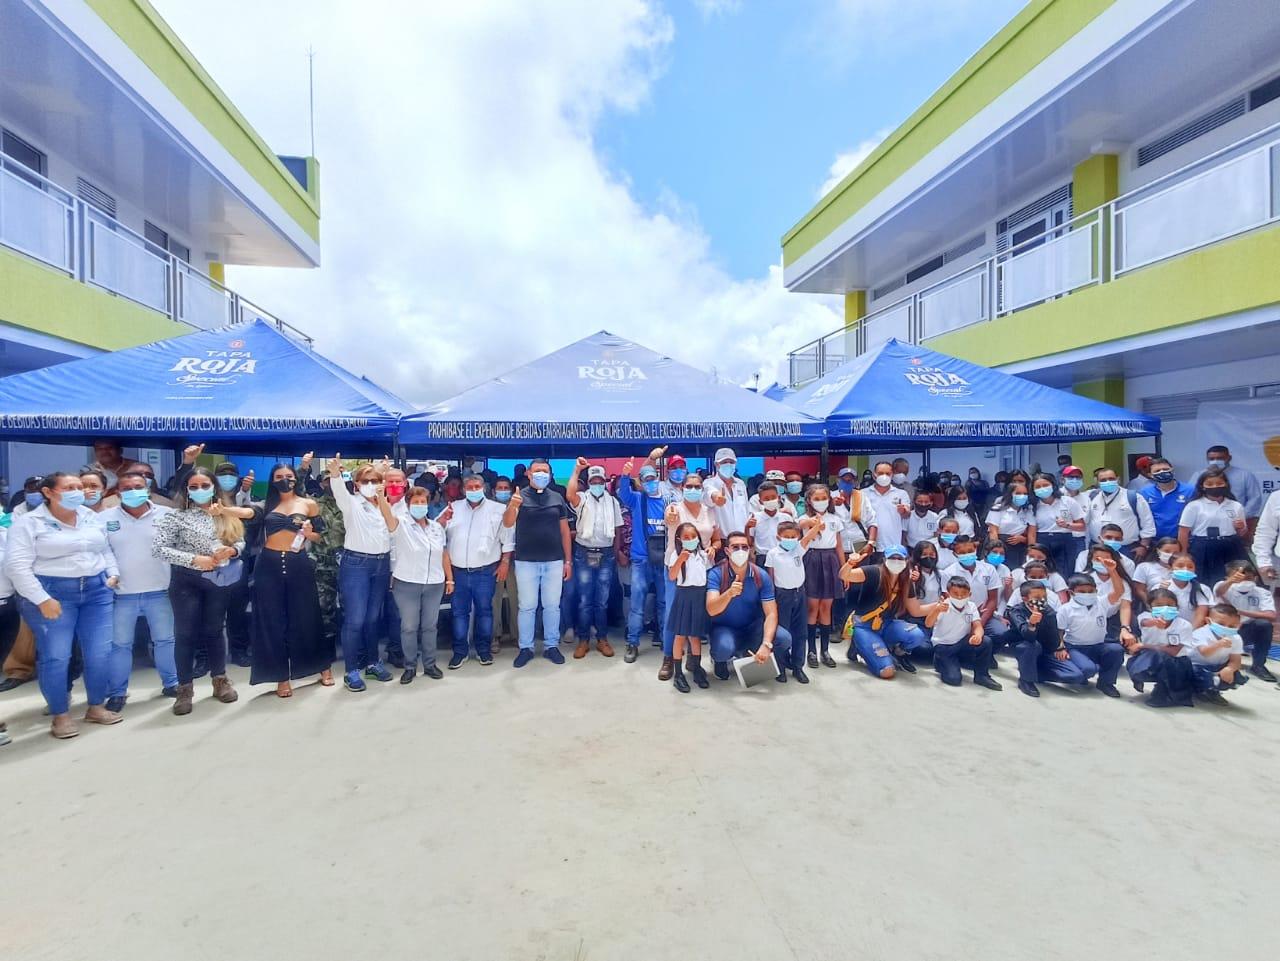 Alto del Cielo en Ortega ya tiene su megacolegio construido 2